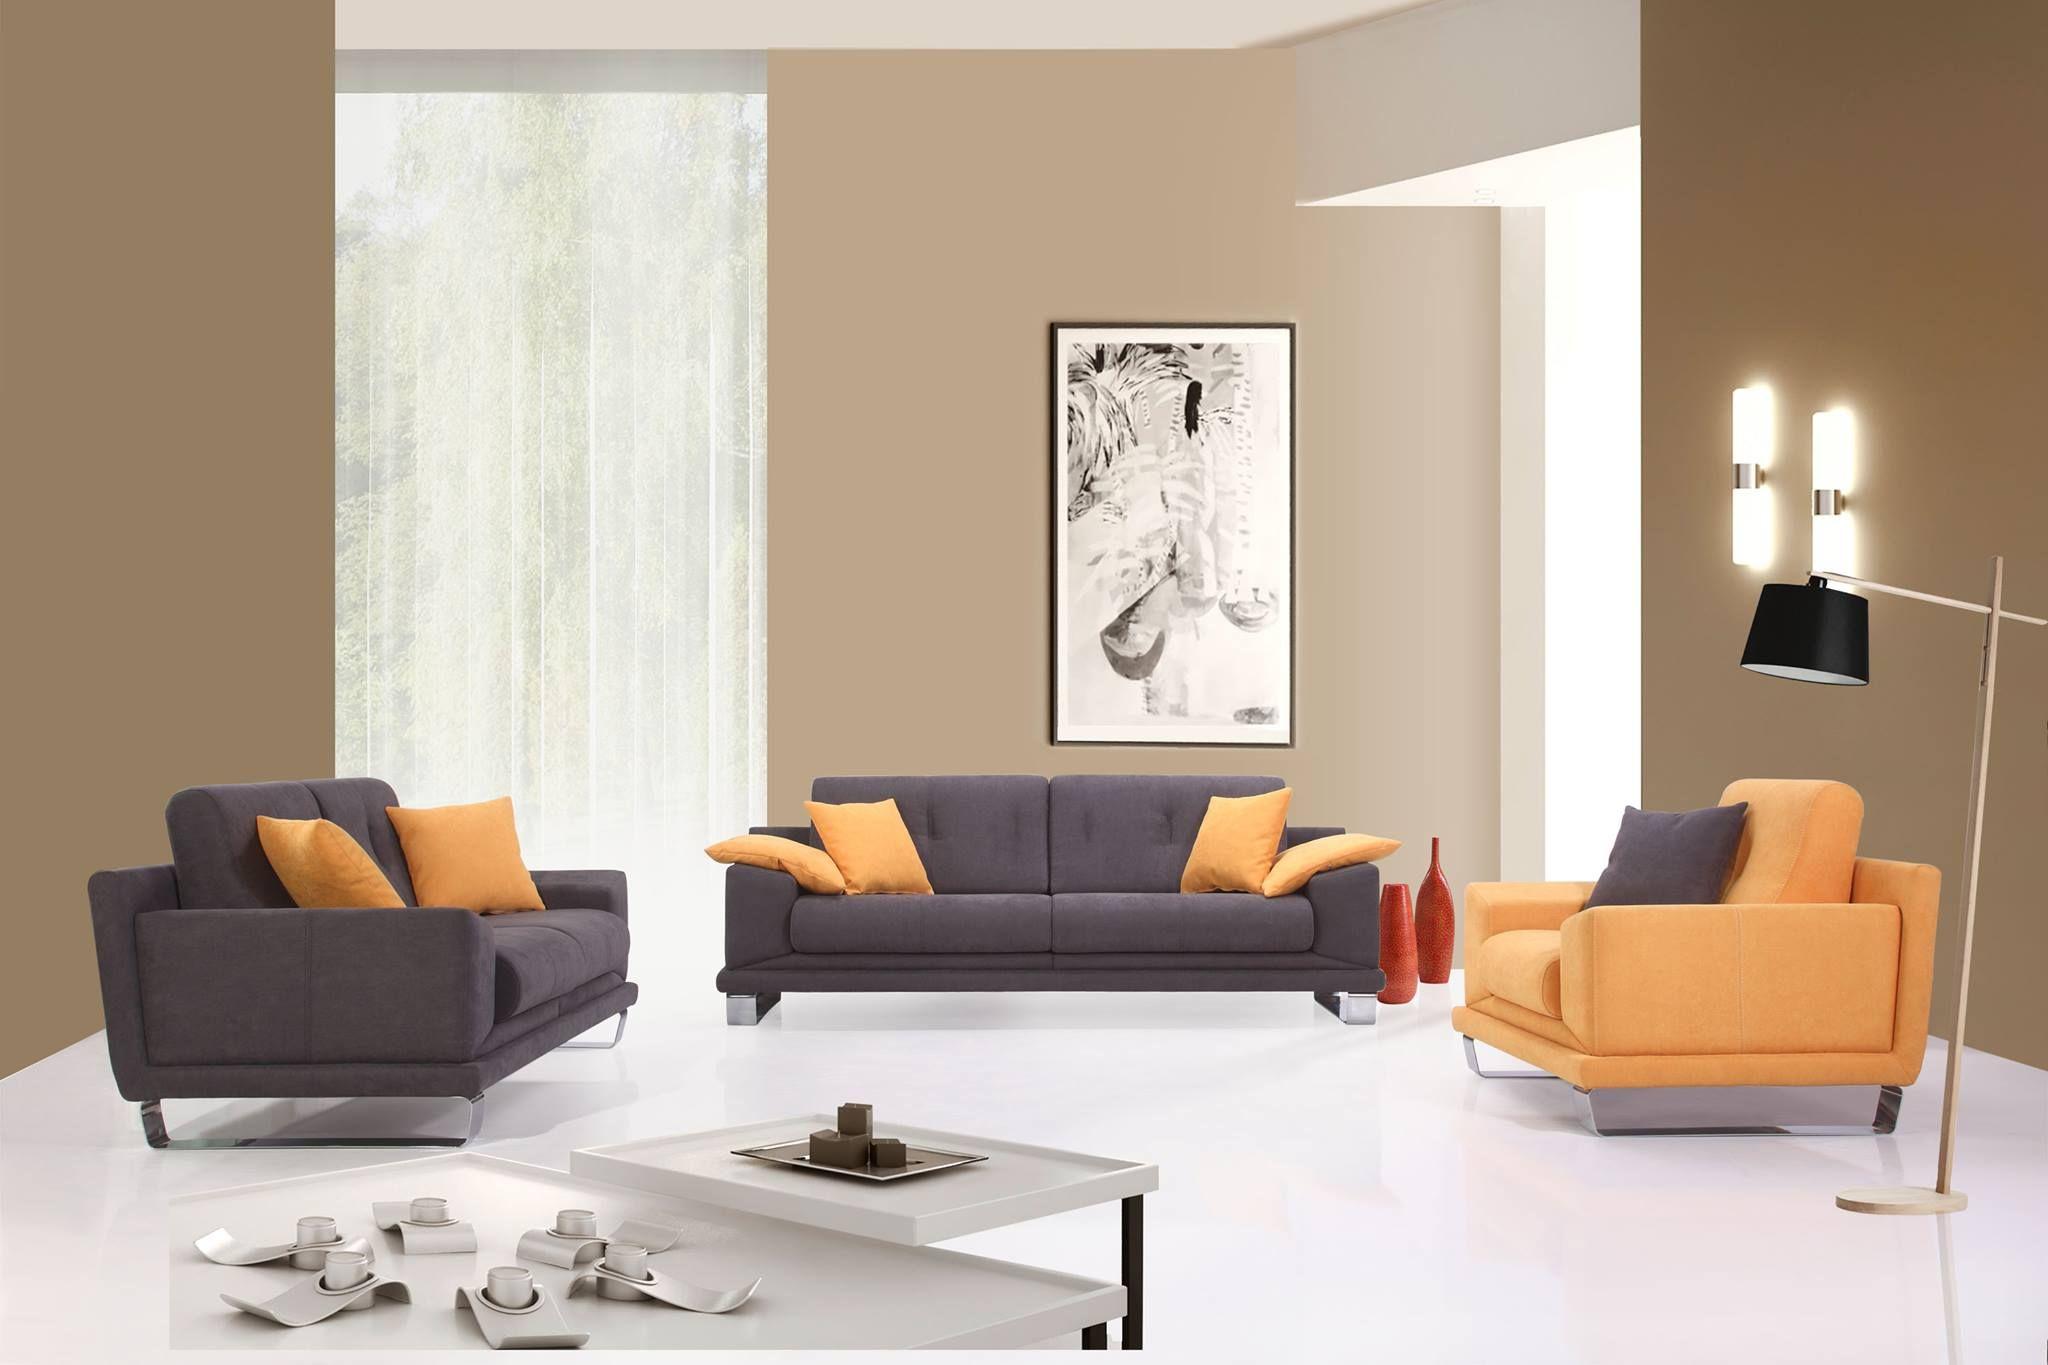 Kontrast Renkleriyle En Sik Salon Takimlari Mobilya Dekorasyon Guzelev Ev Koltuk Yatakodasi Dekorasyonfikirleri De Mobilya Mobilya Fikirleri Ev Dekoru